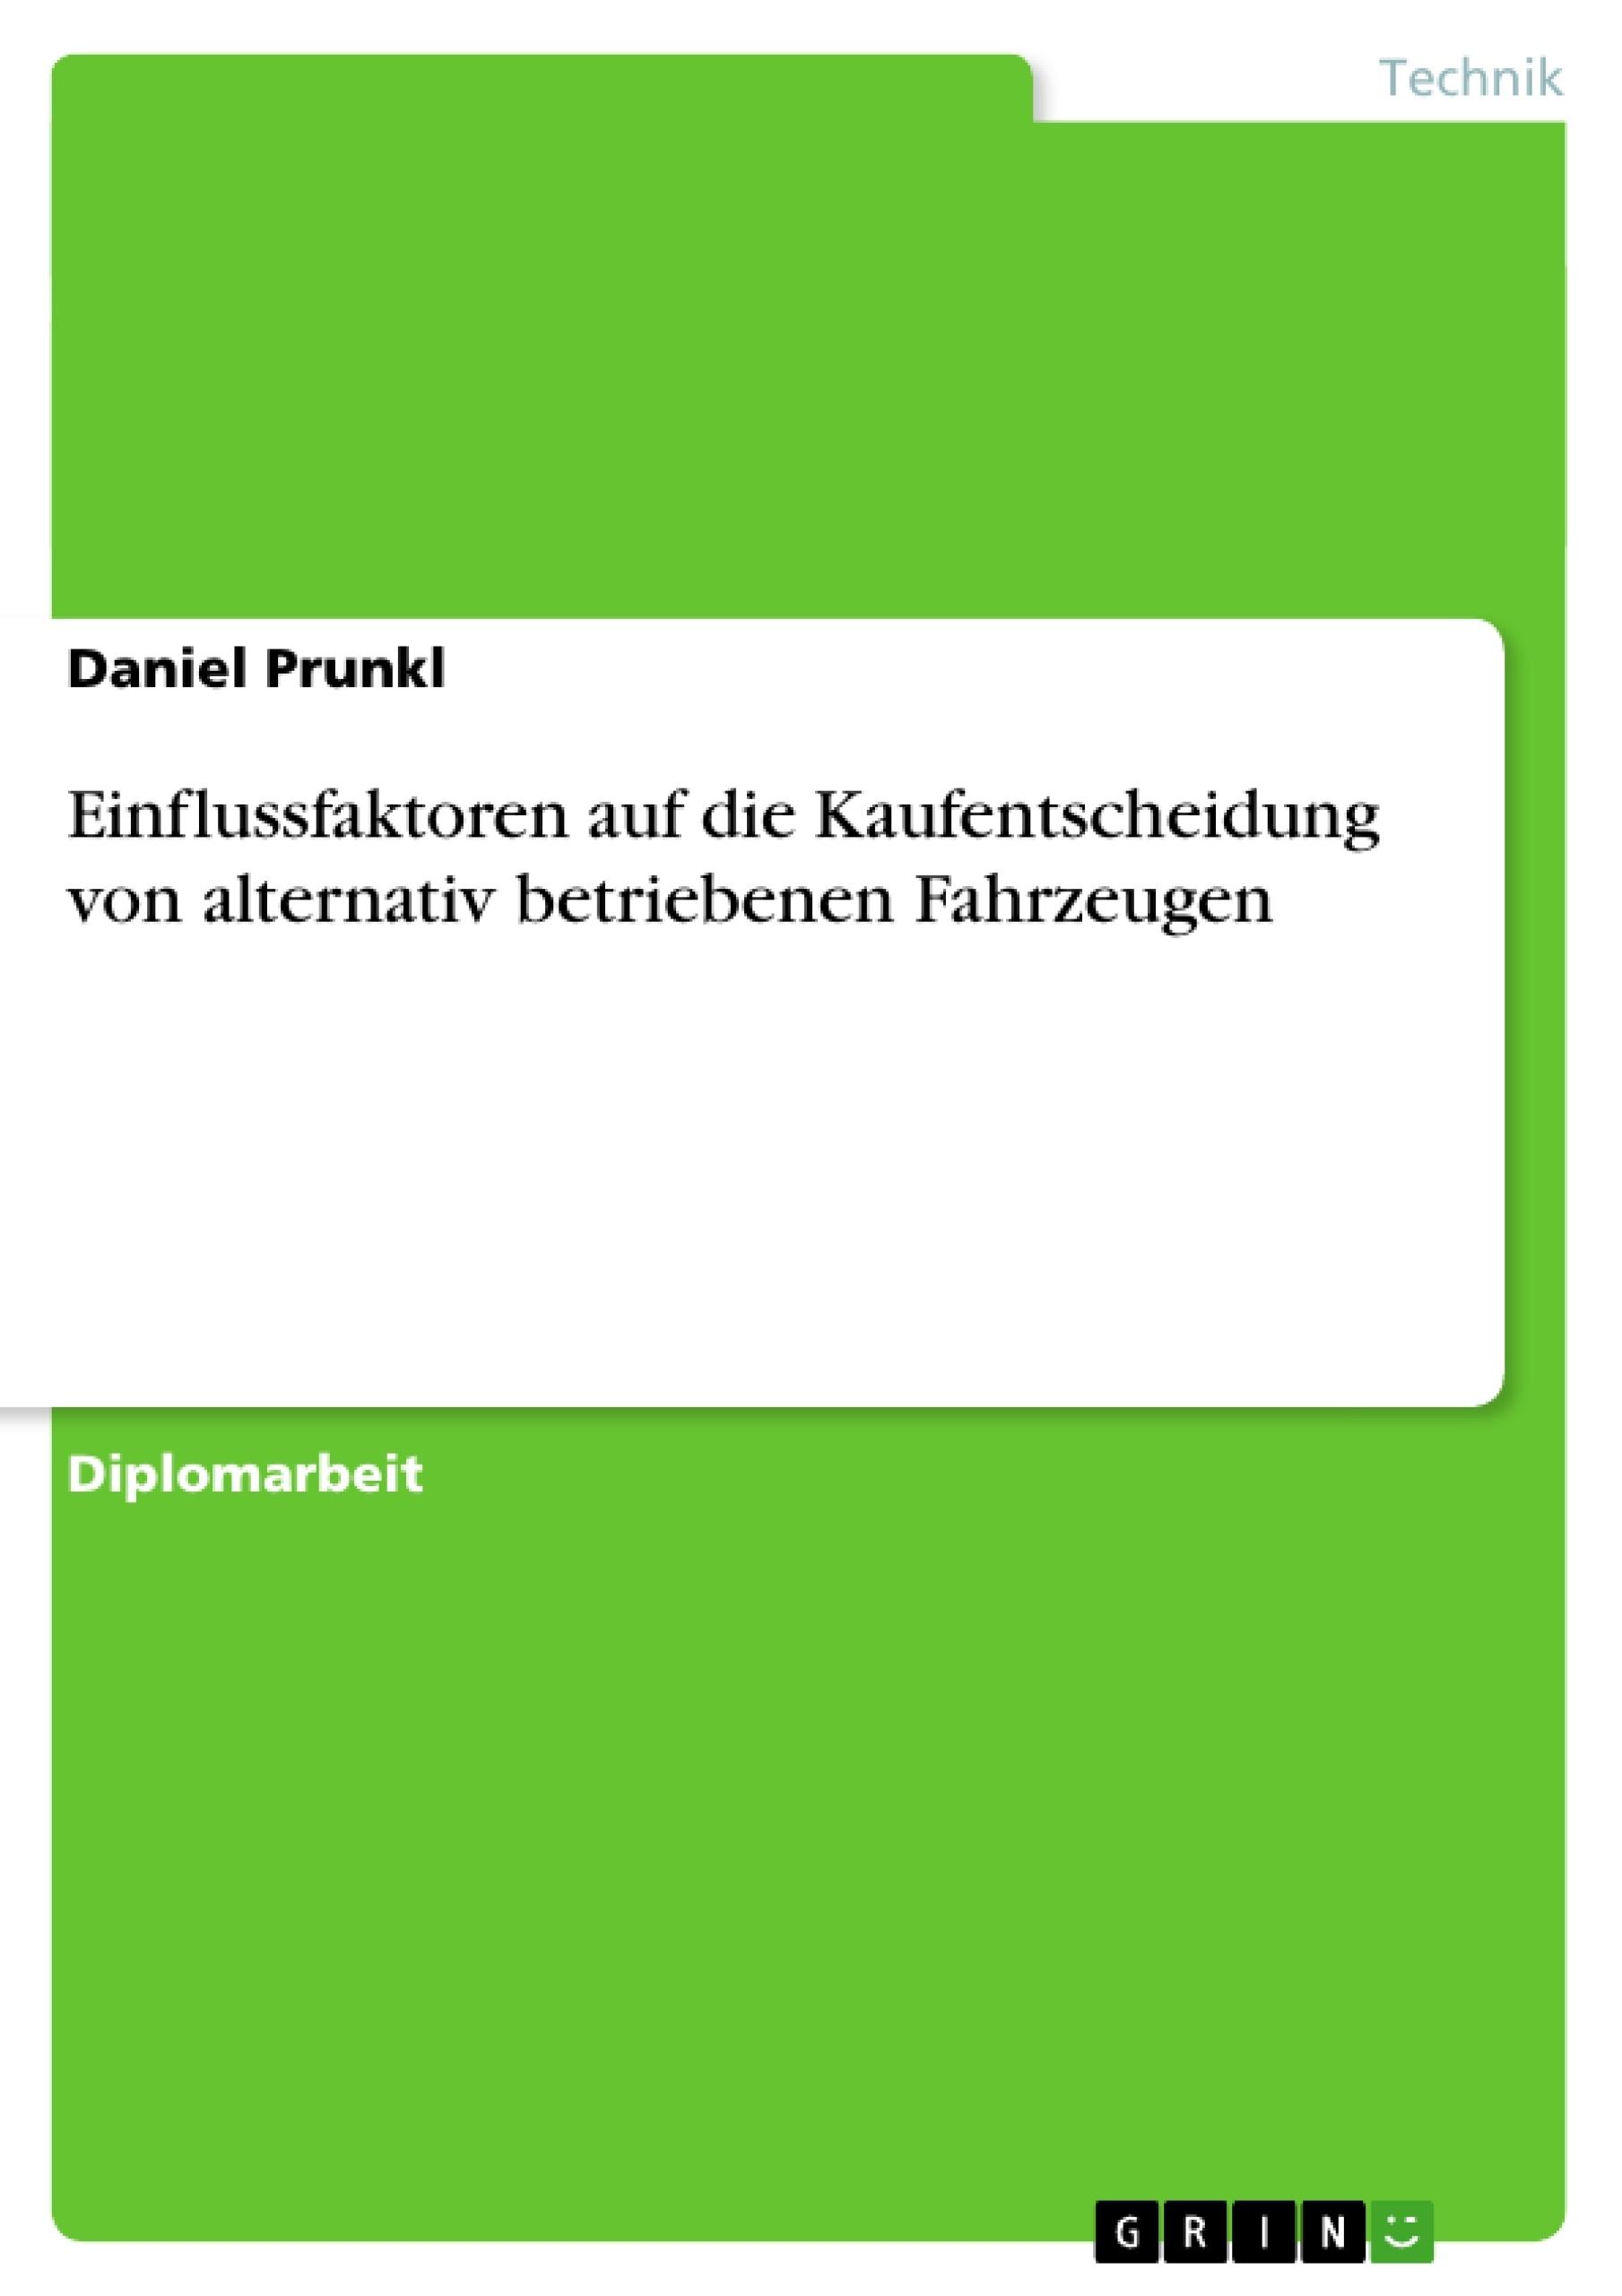 Titel: Einflussfaktoren auf die Kaufentscheidung von alternativ betriebenen Fahrzeugen